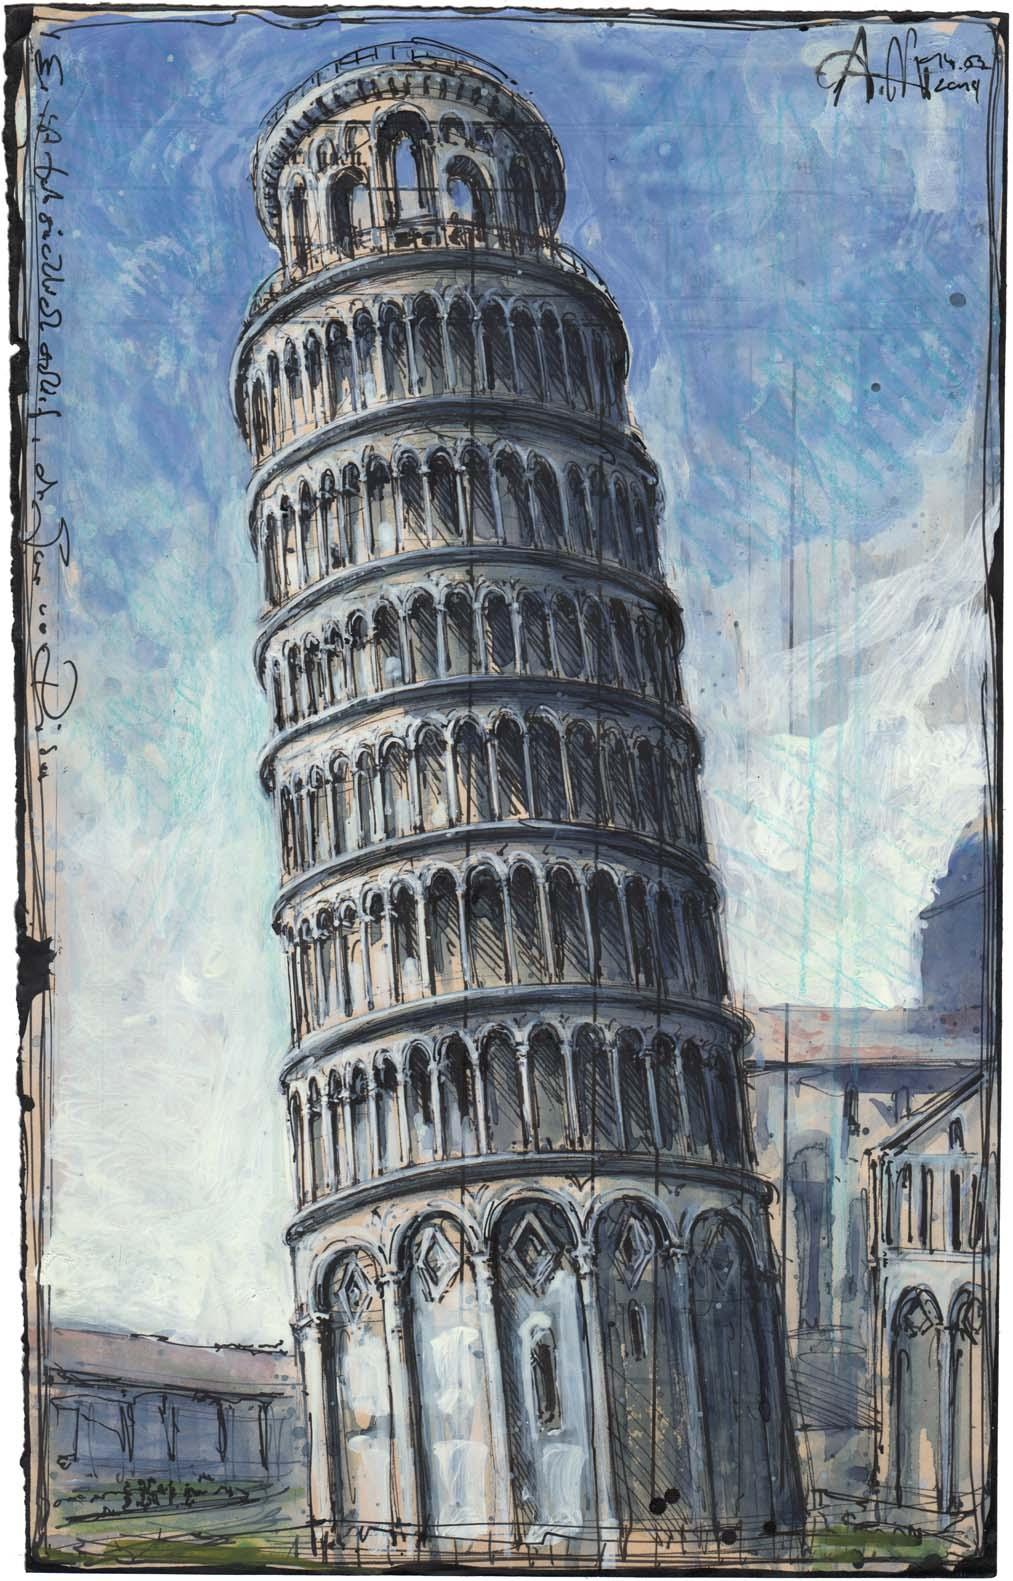 Er ist tatsächlich schief, der Turm von Pisa